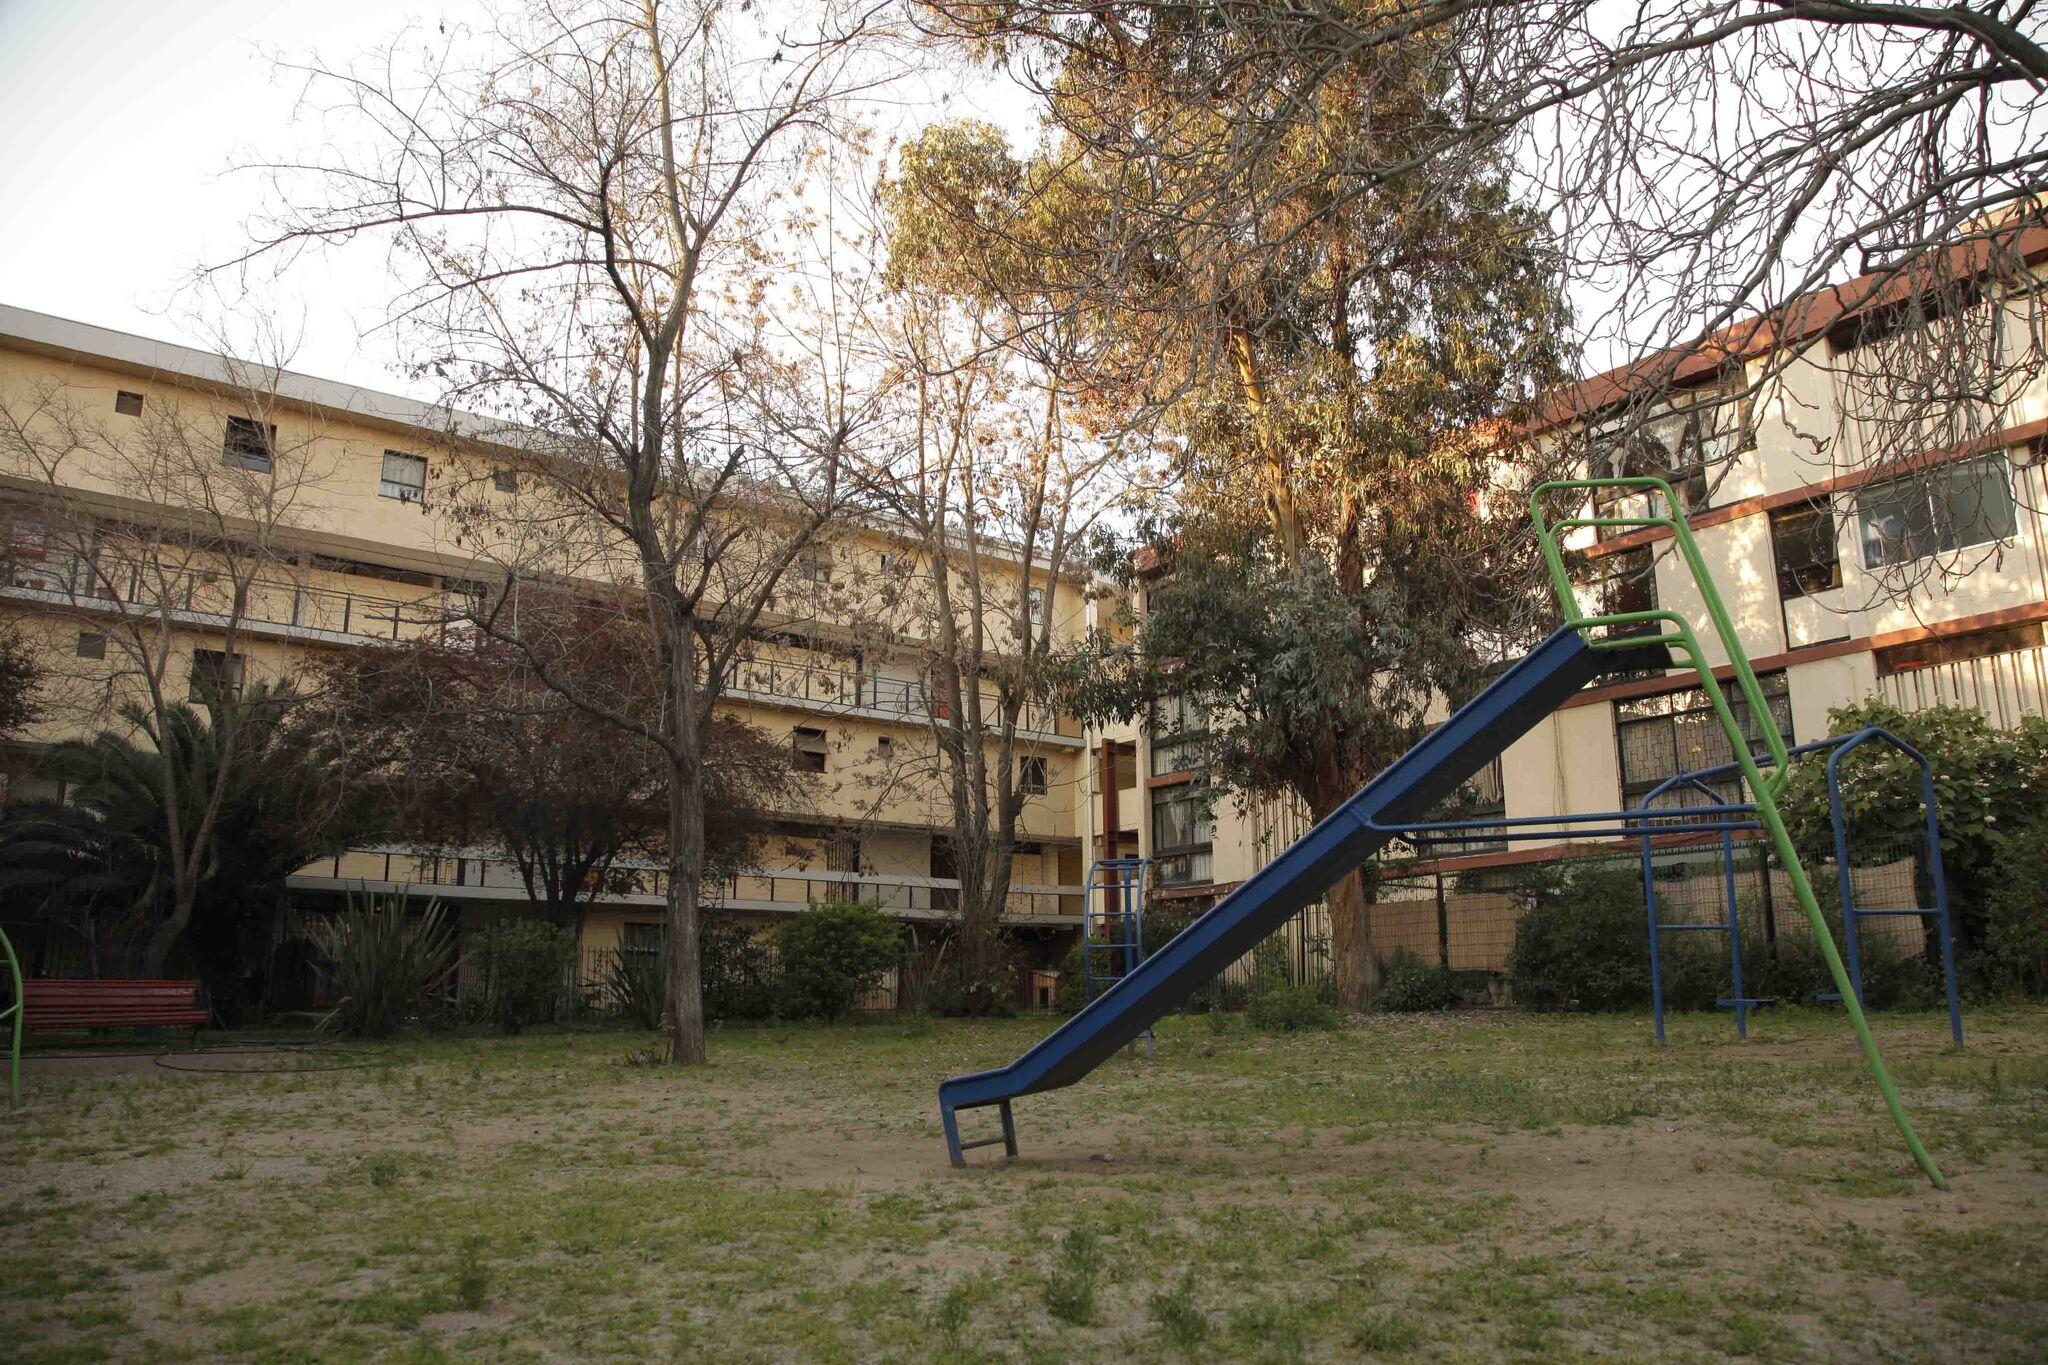 plaza-interiores-vo-3-1